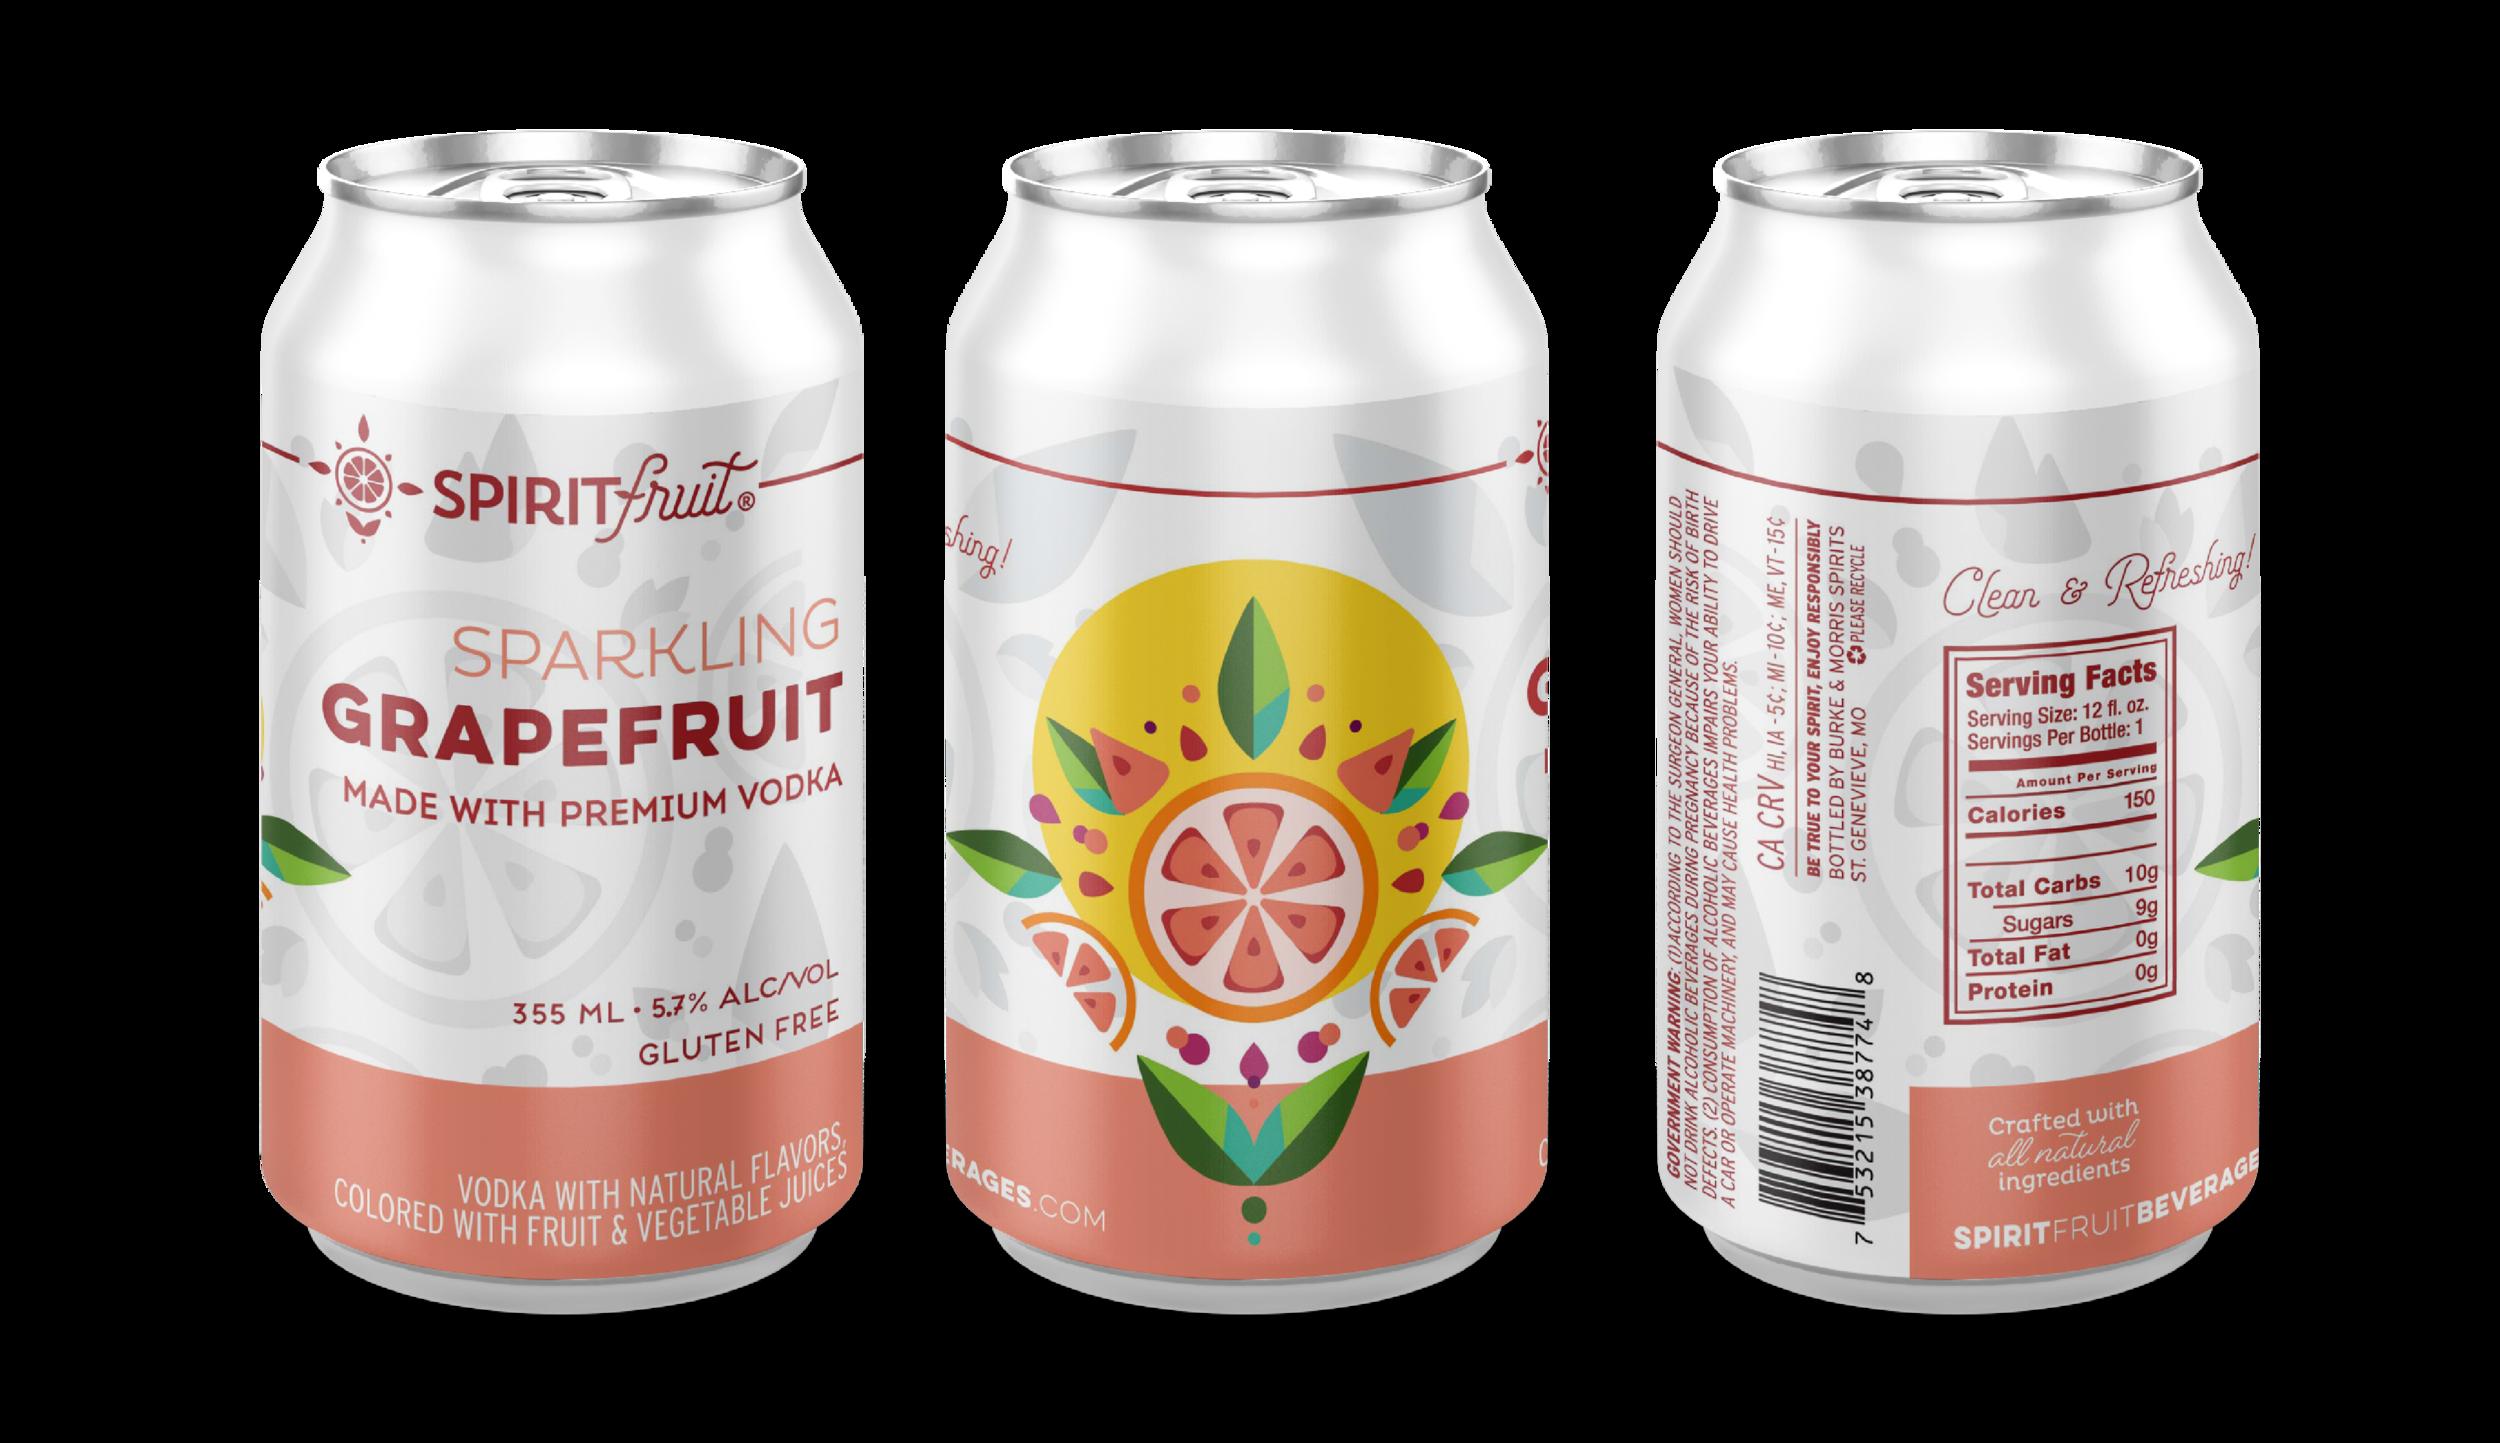 Spiritfruit-Can_Mockup-Grapefruit-3.png